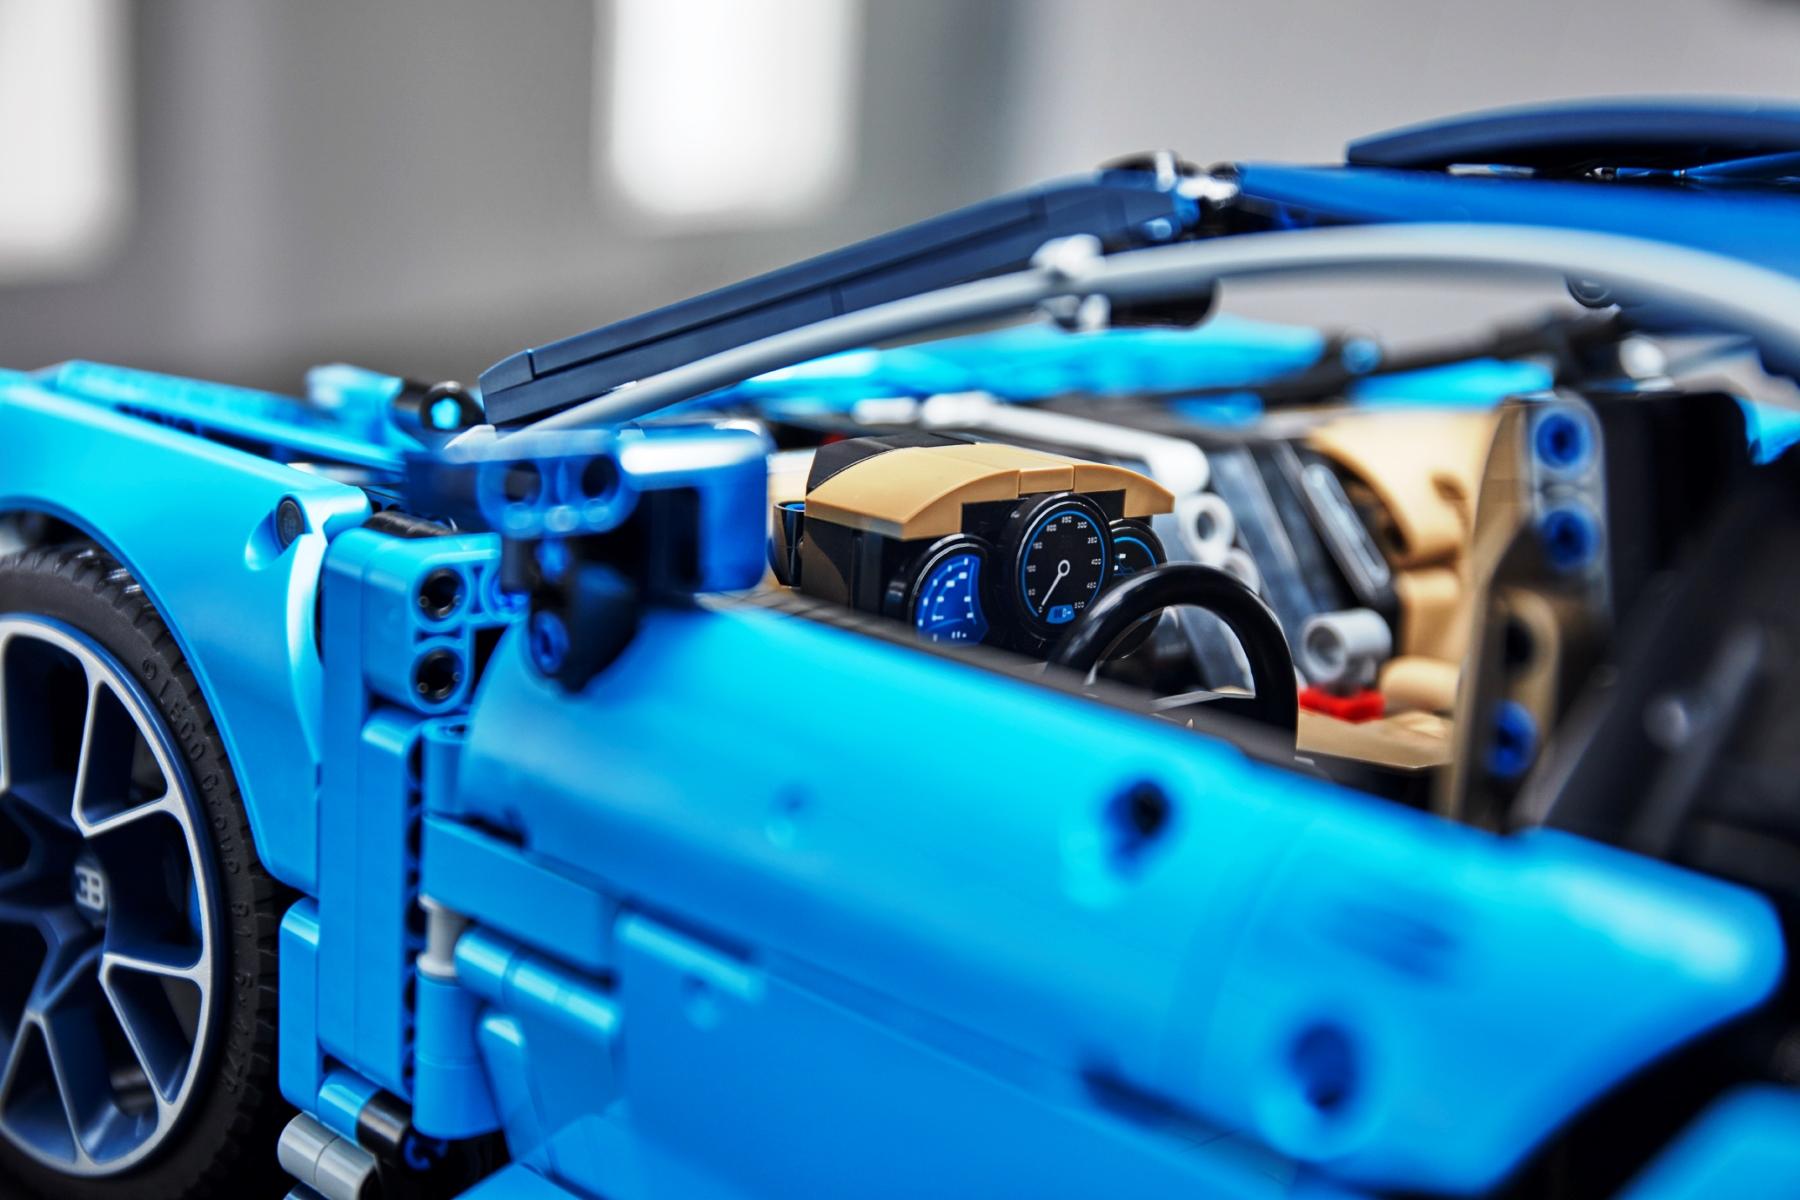 LEGO Technic Bugatti Chiron interior